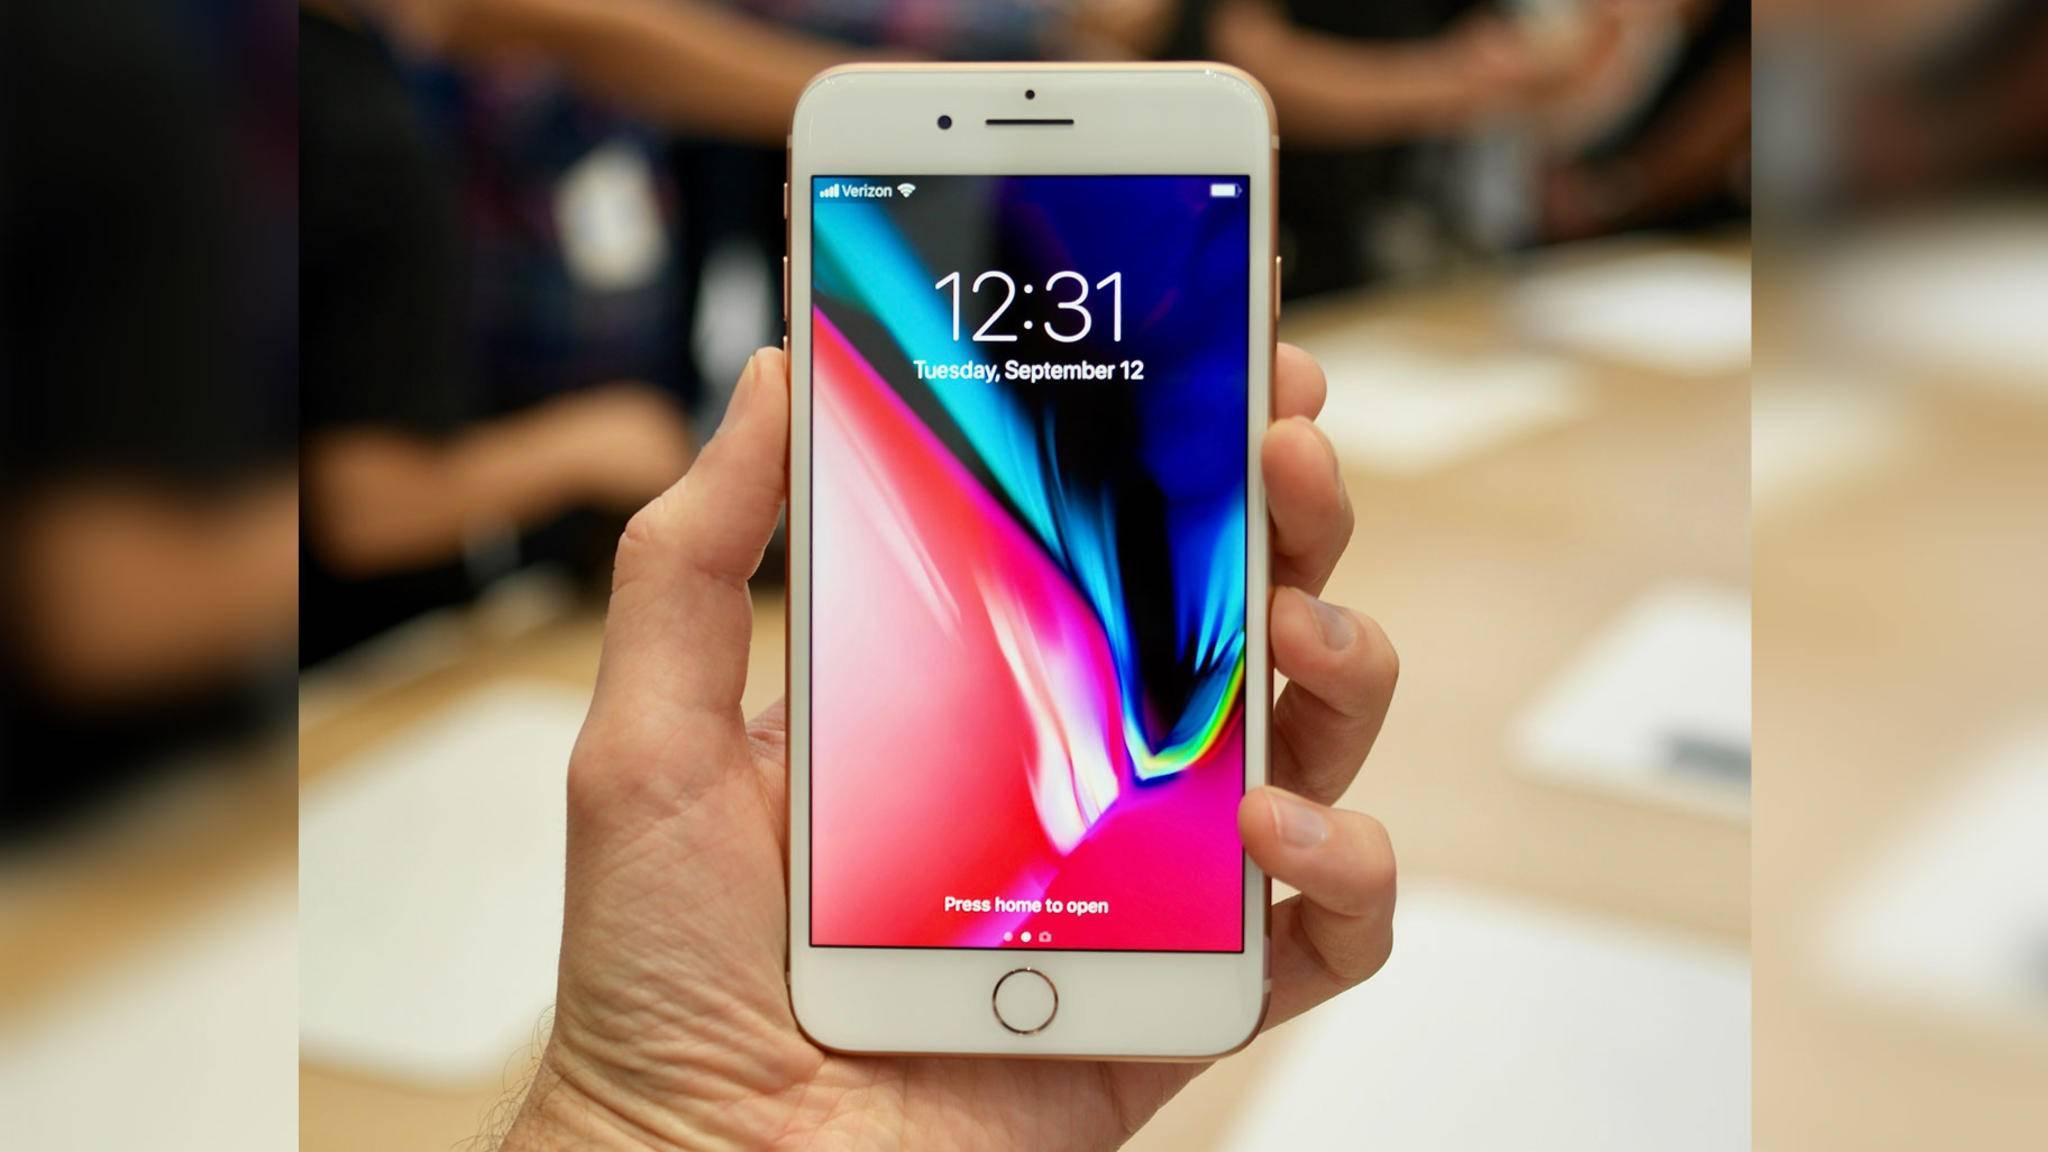 Das iPhone bietet bei den Systemdiensten eine Reihe an Einstellungsmöglichkeiten.